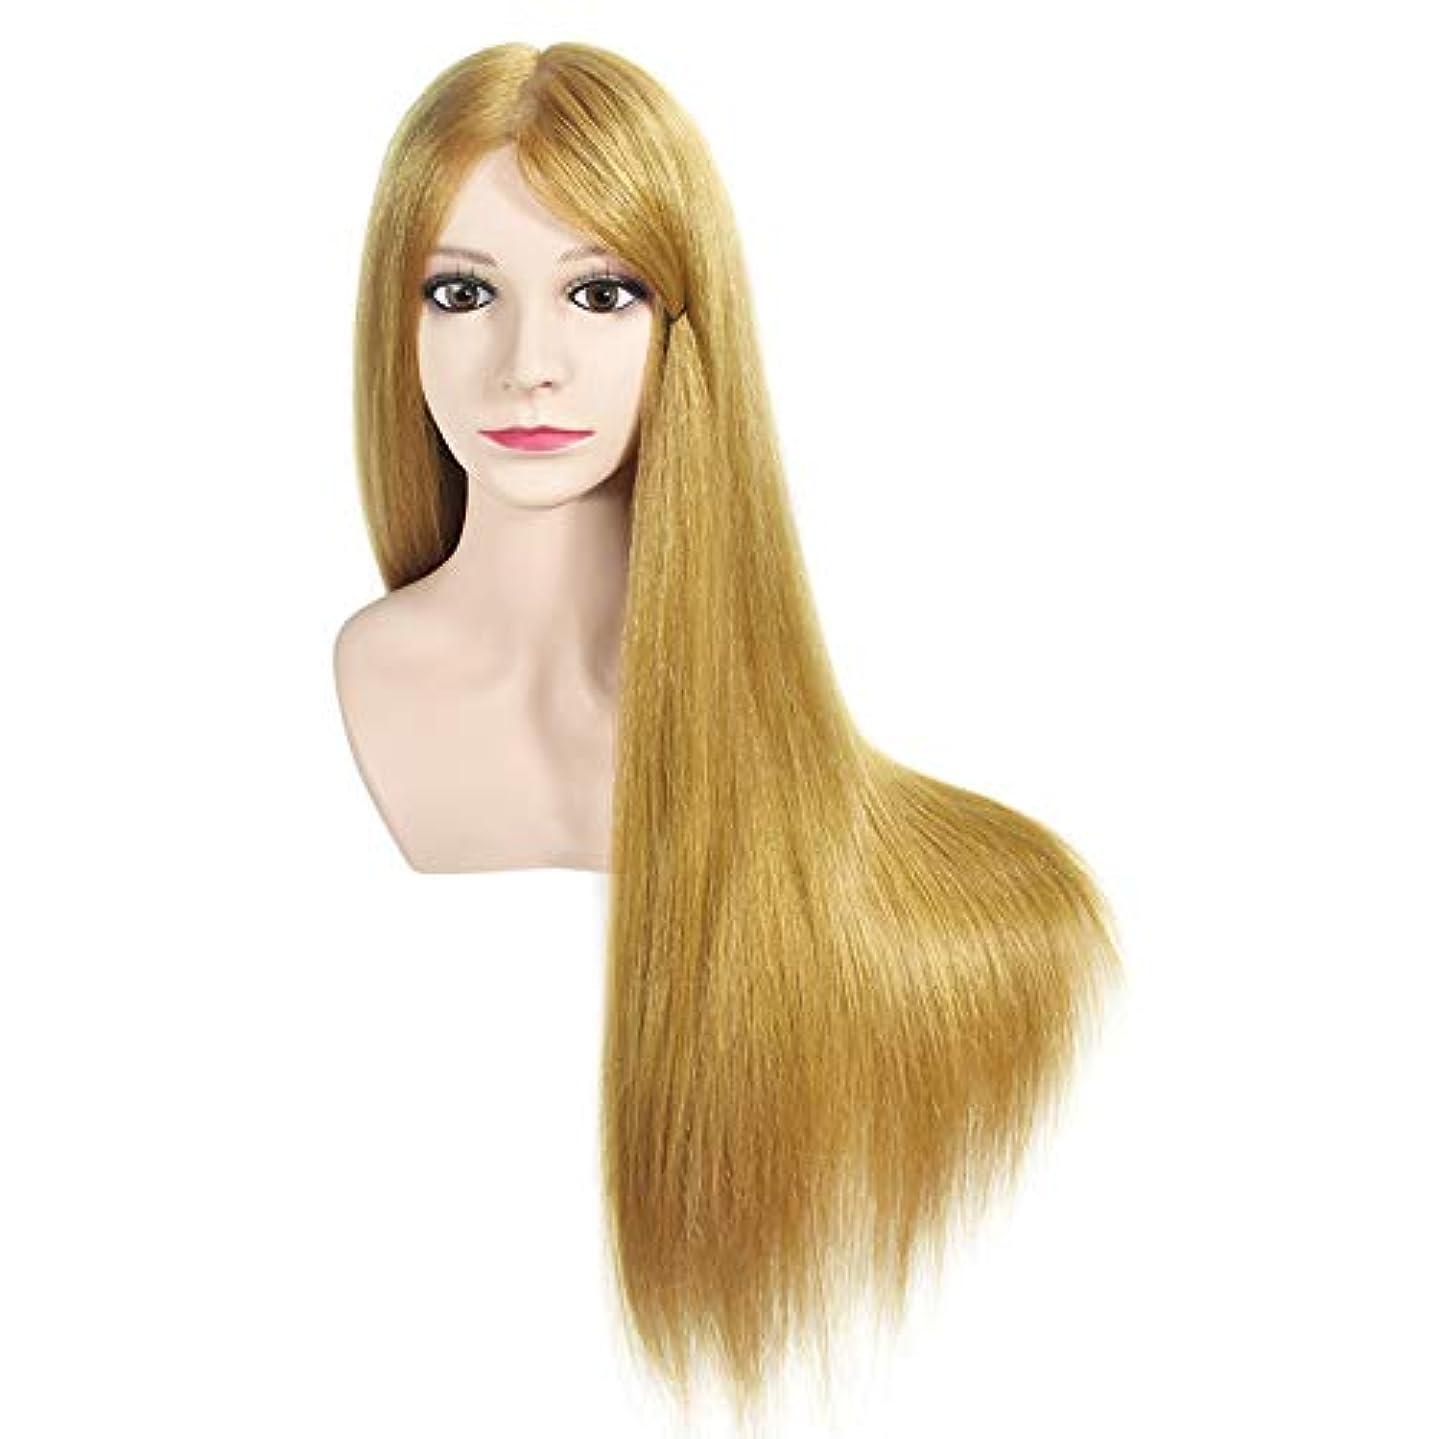 つかの間不利益本質的ではないサロンヘアブレイド理髪指導ヘッドスタイリング散髪ダミーヘッド化粧学習ショルダーマネキンヘッド